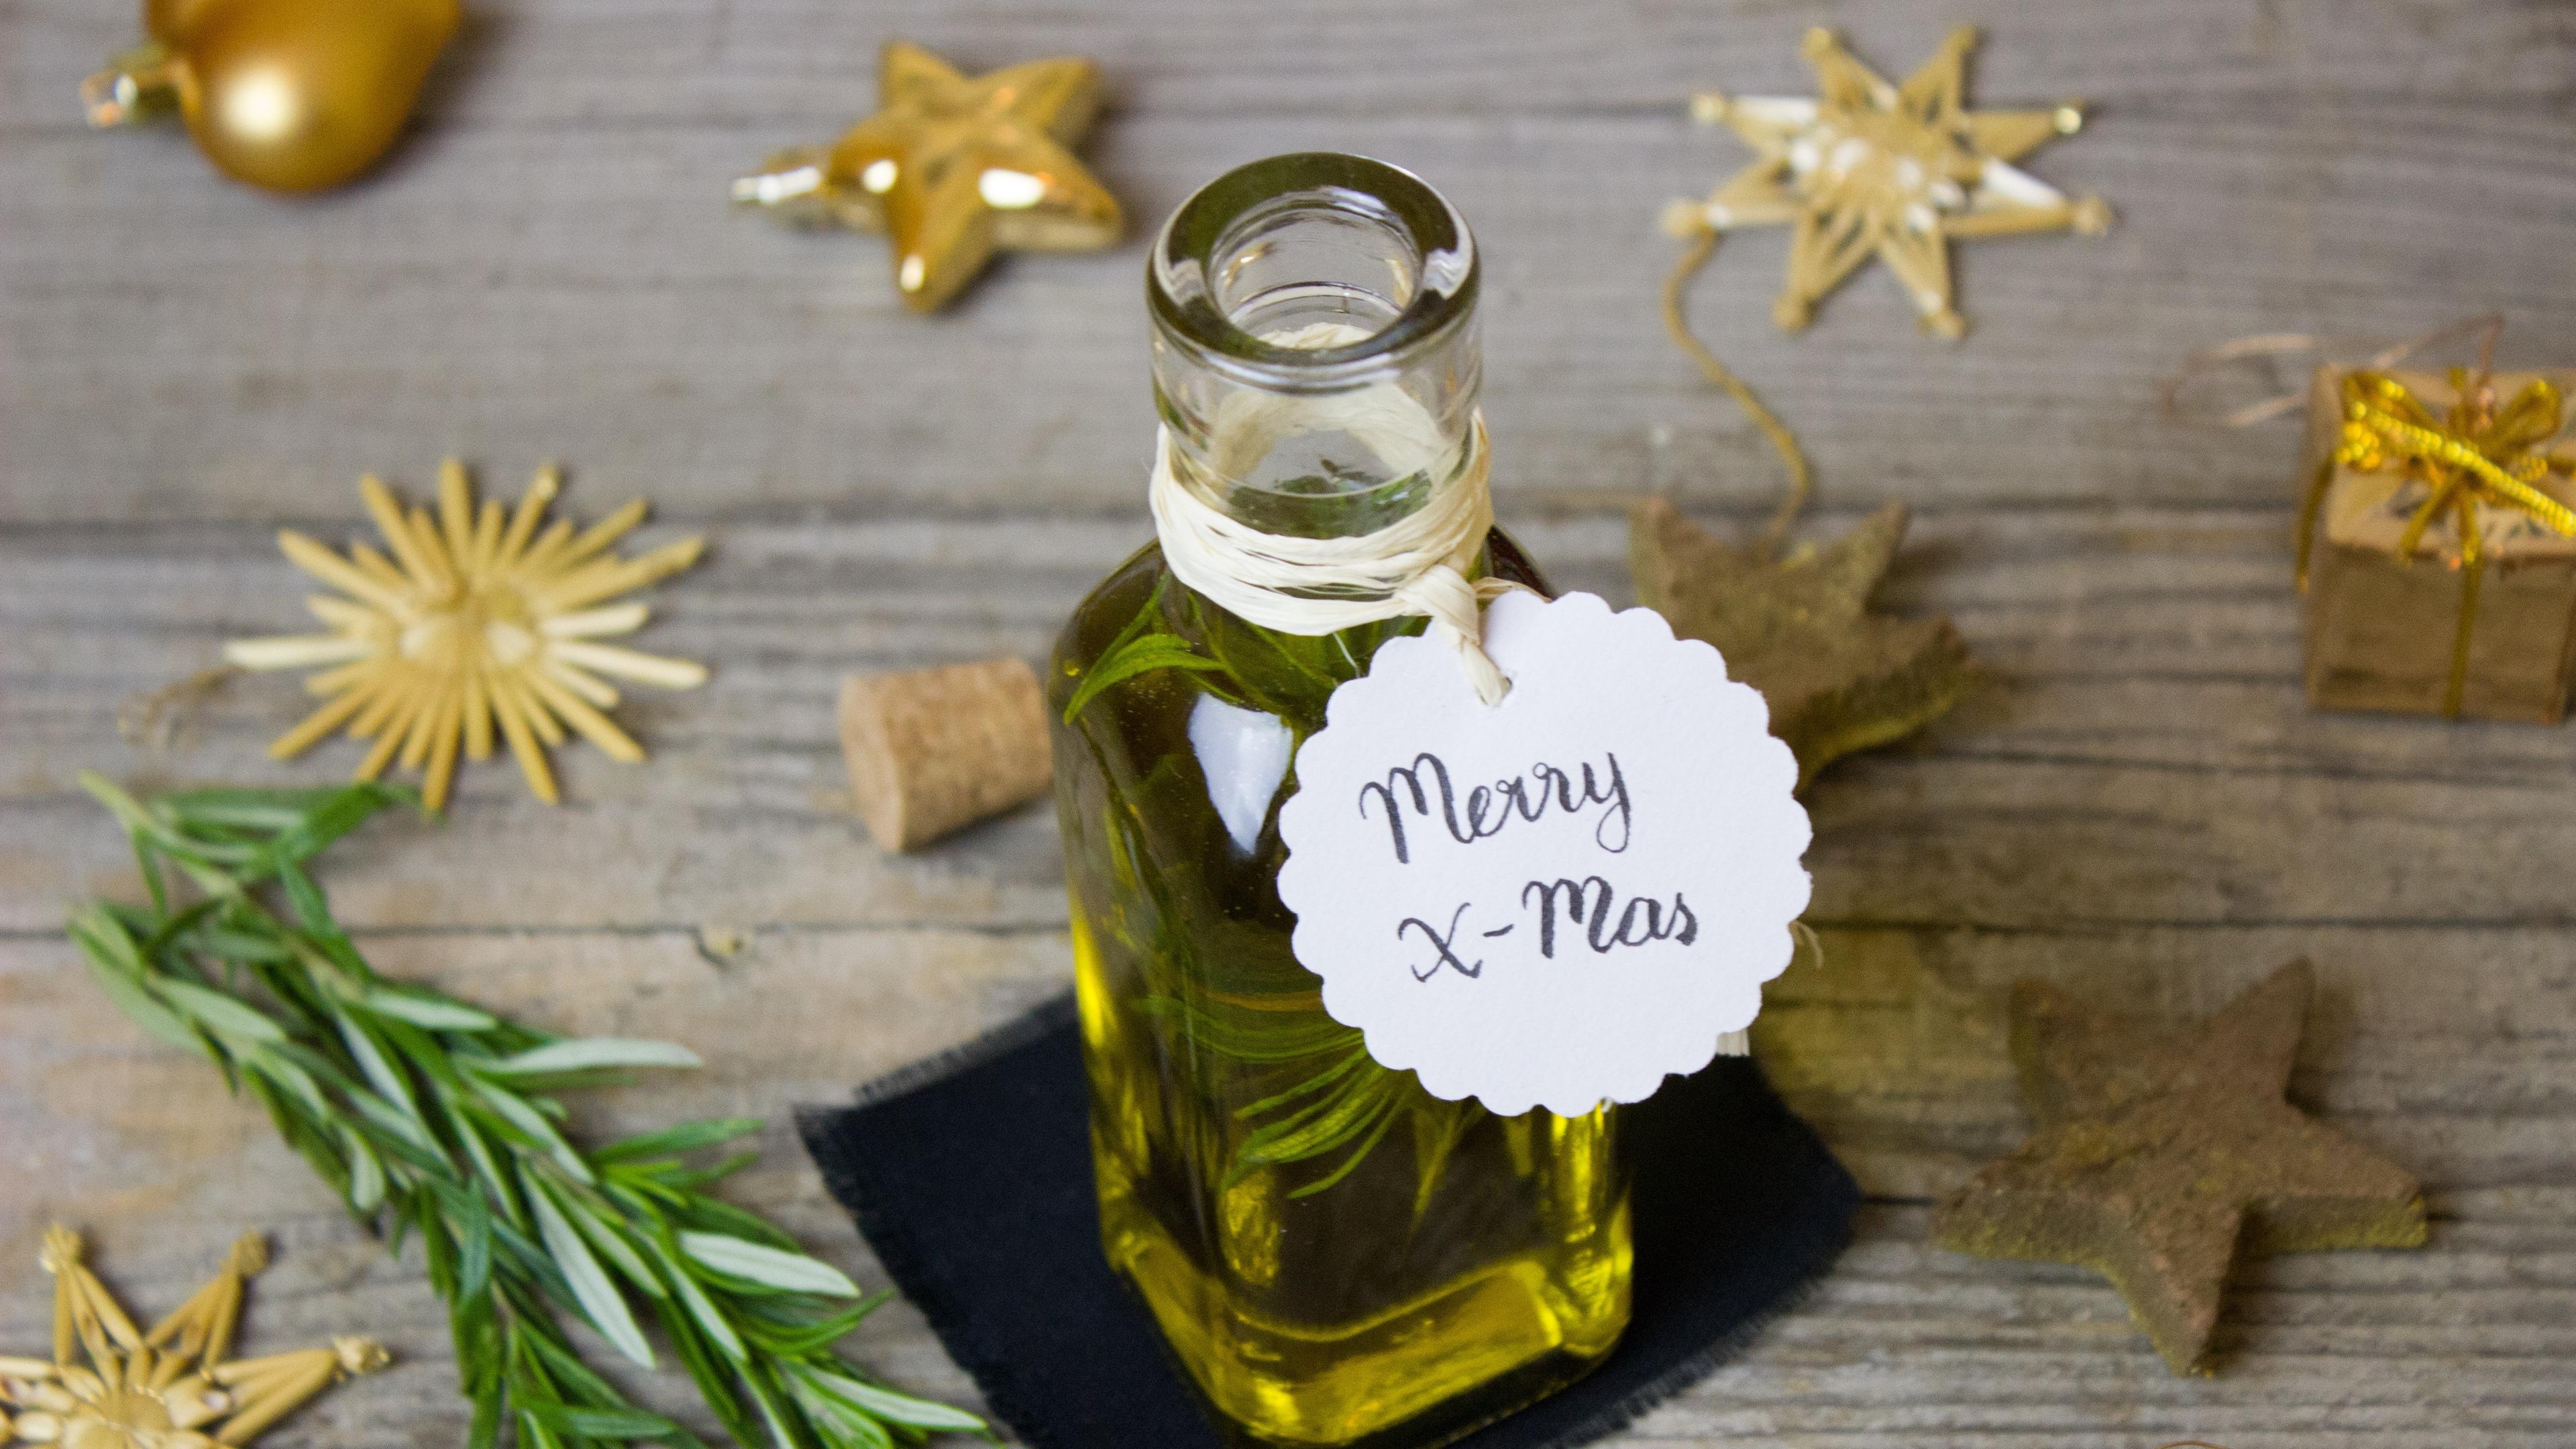 rosemary olive oil christmas 4k 1538344934 - rosemary, olive oil, christmas 4k - rosemary, olive oil, Christmas